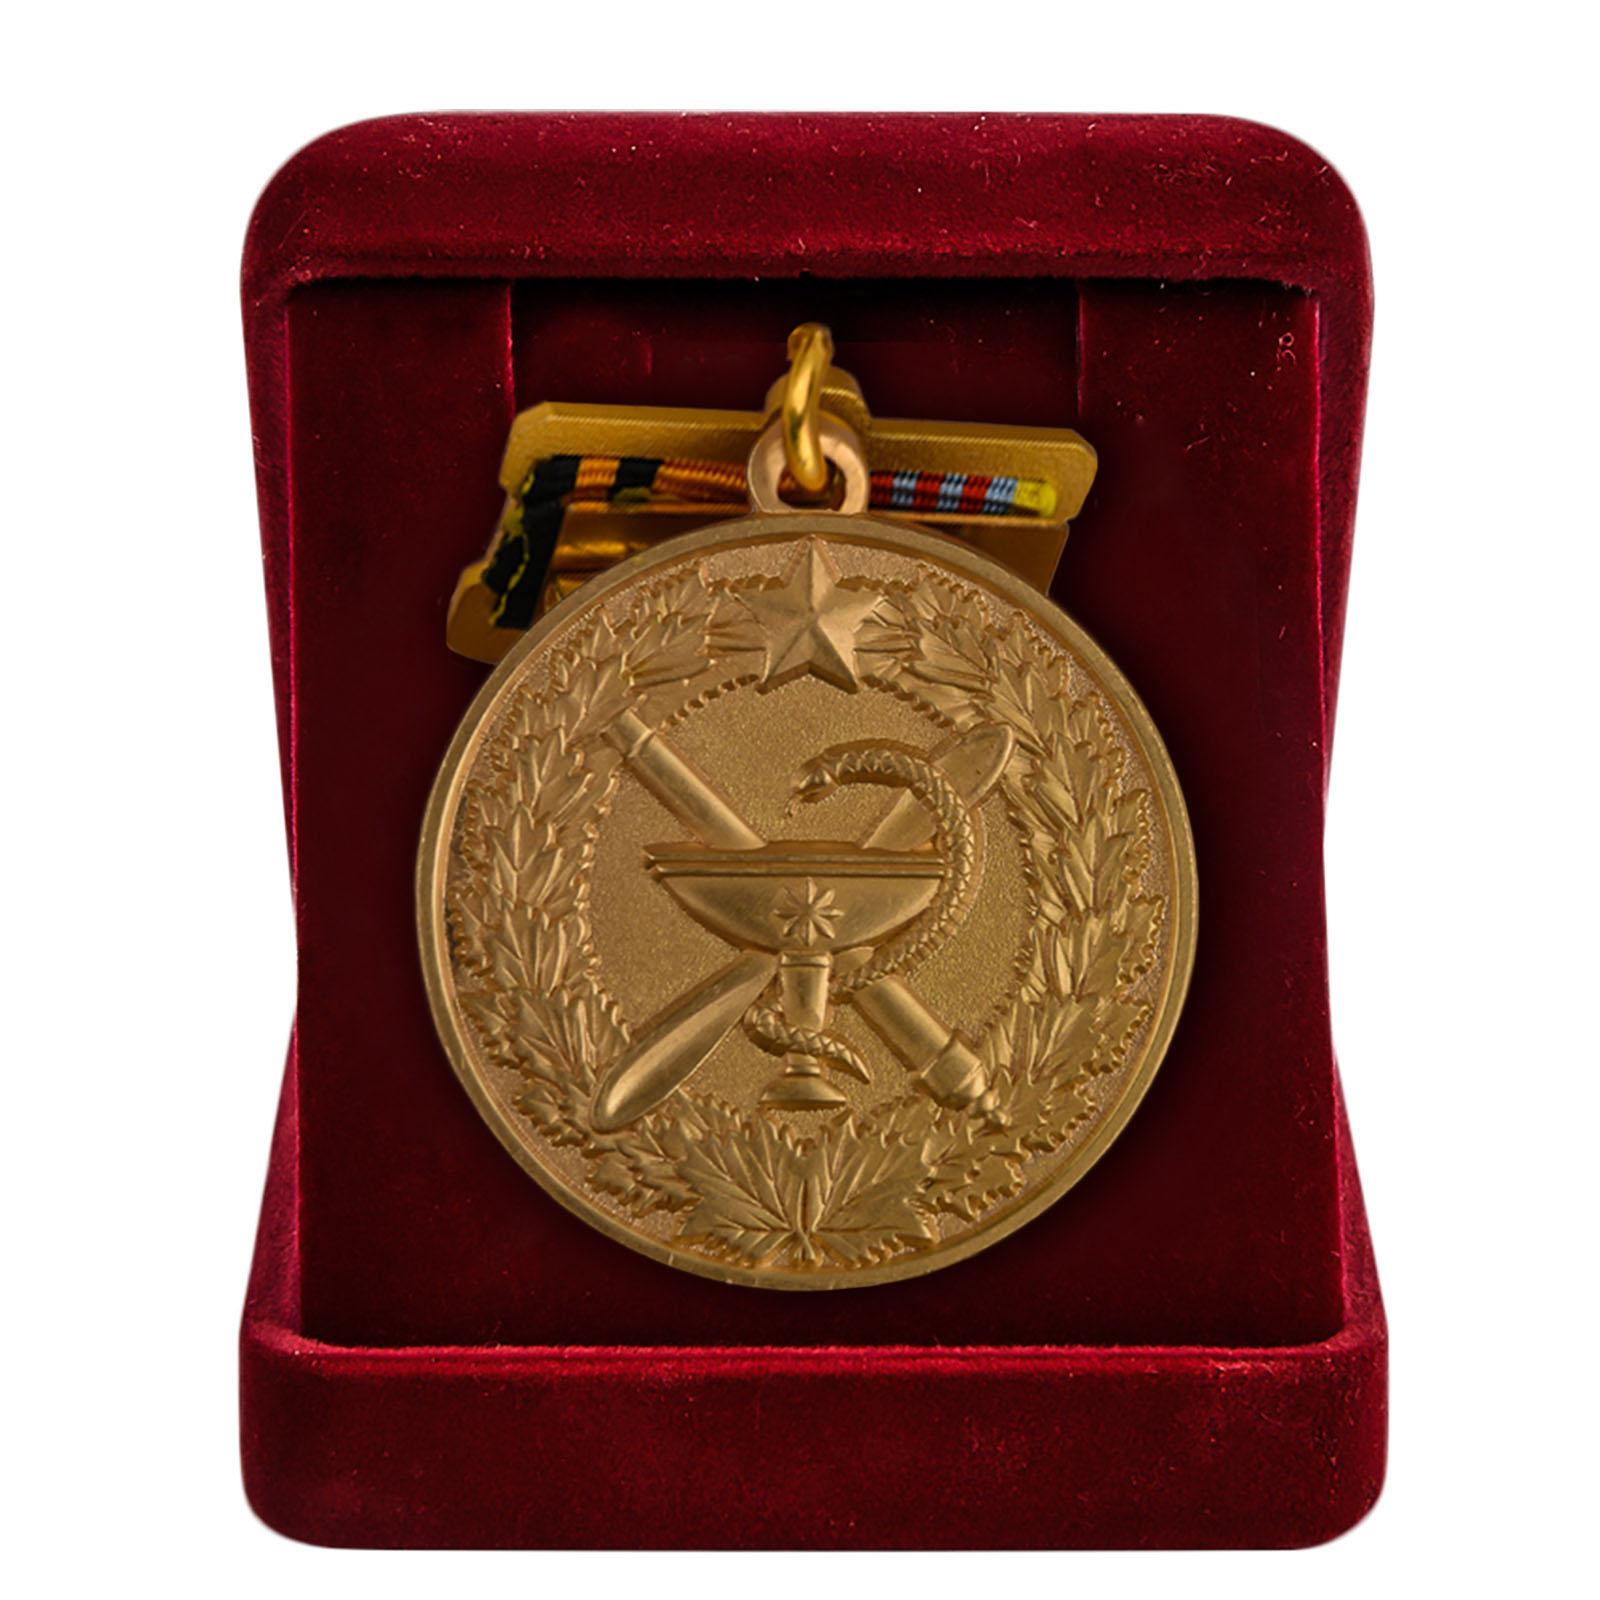 Купить юбилейную медаль 100 лет медицинской службы ВКС по лучшей цене